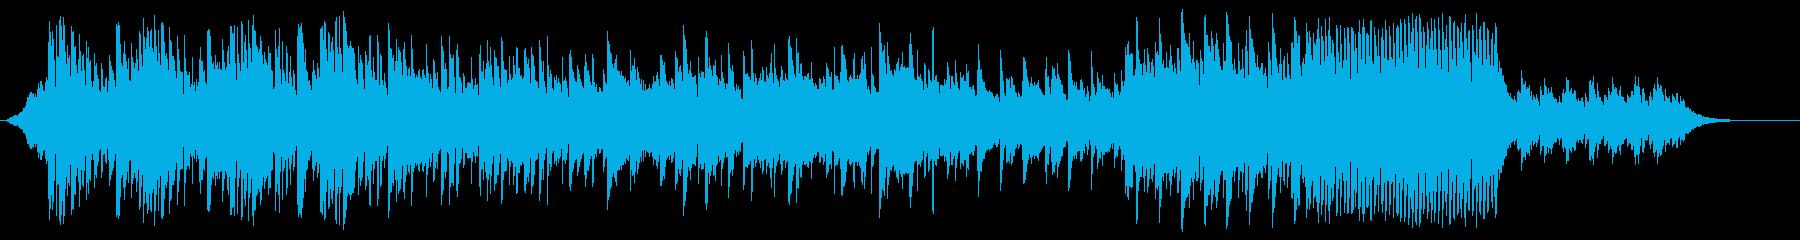 アコギがメインの静かで暗めの曲の再生済みの波形